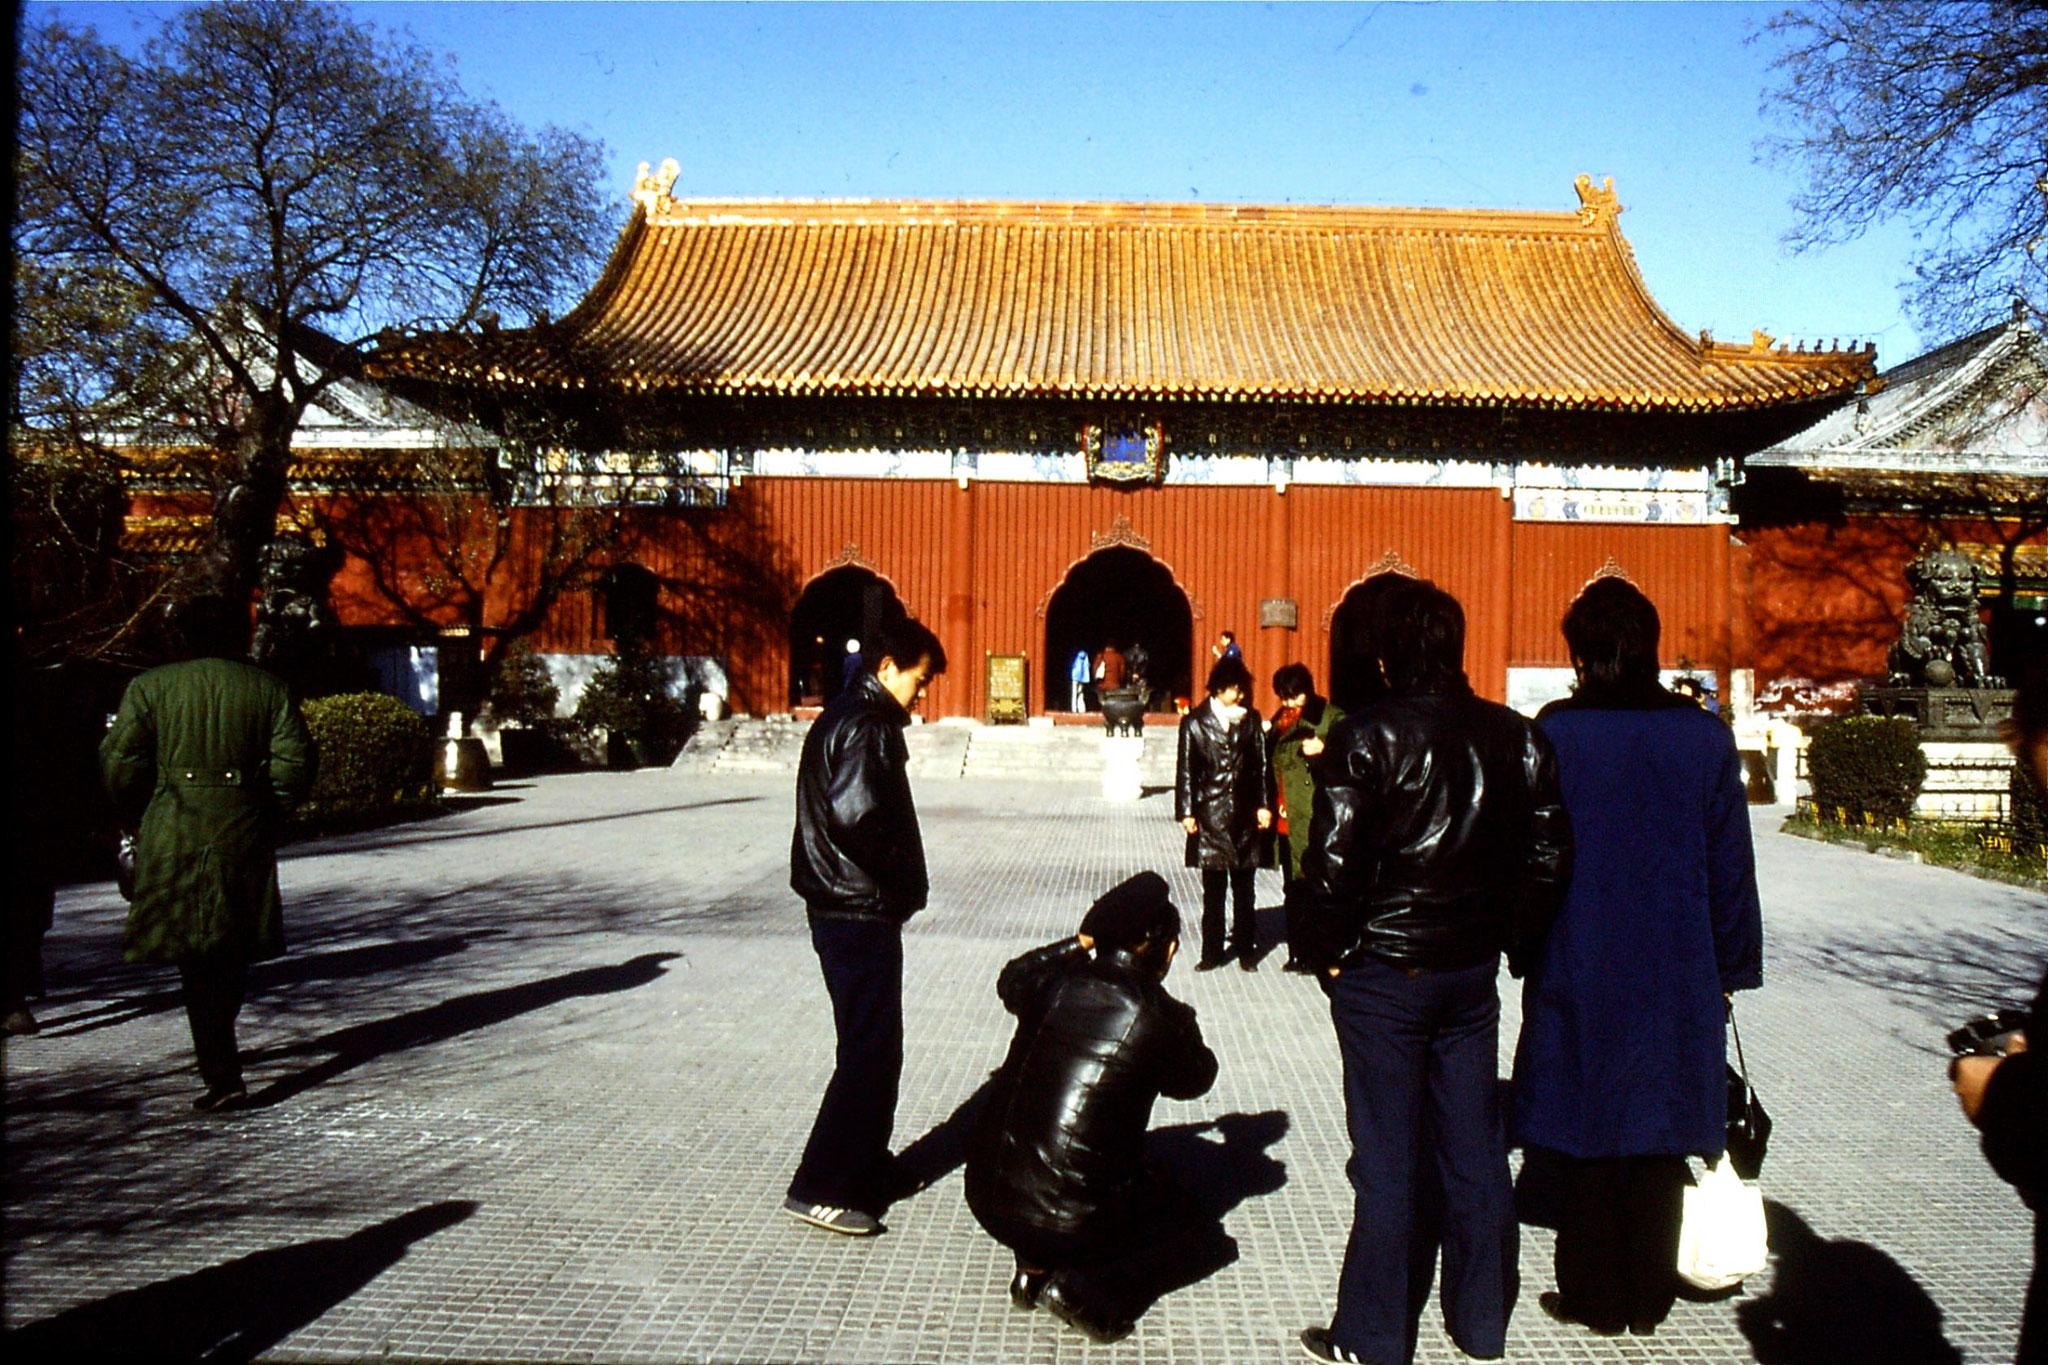 4/12/1988: 1: Beijing Yong He temple